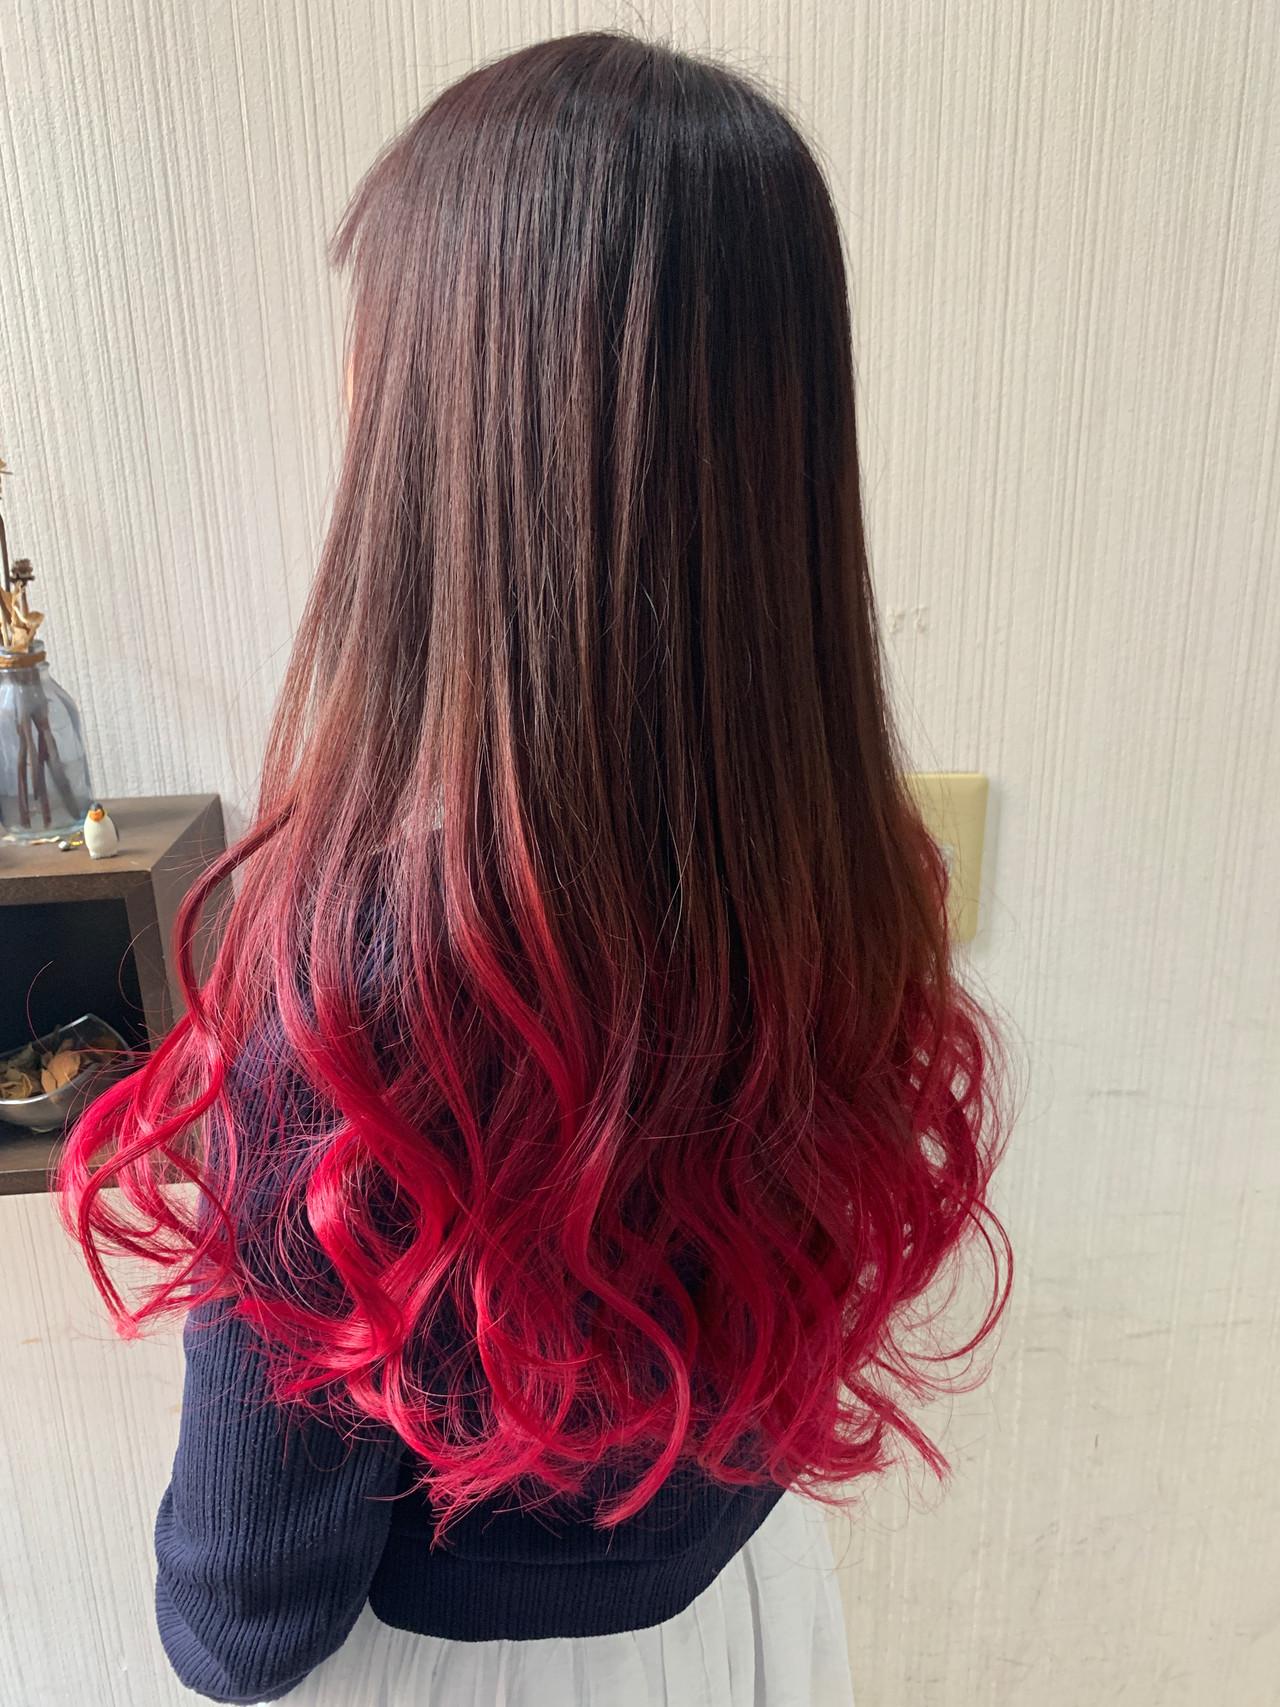 大人可愛い インナーカラー ベリーピンク ナチュラル ヘアスタイルや髪型の写真・画像